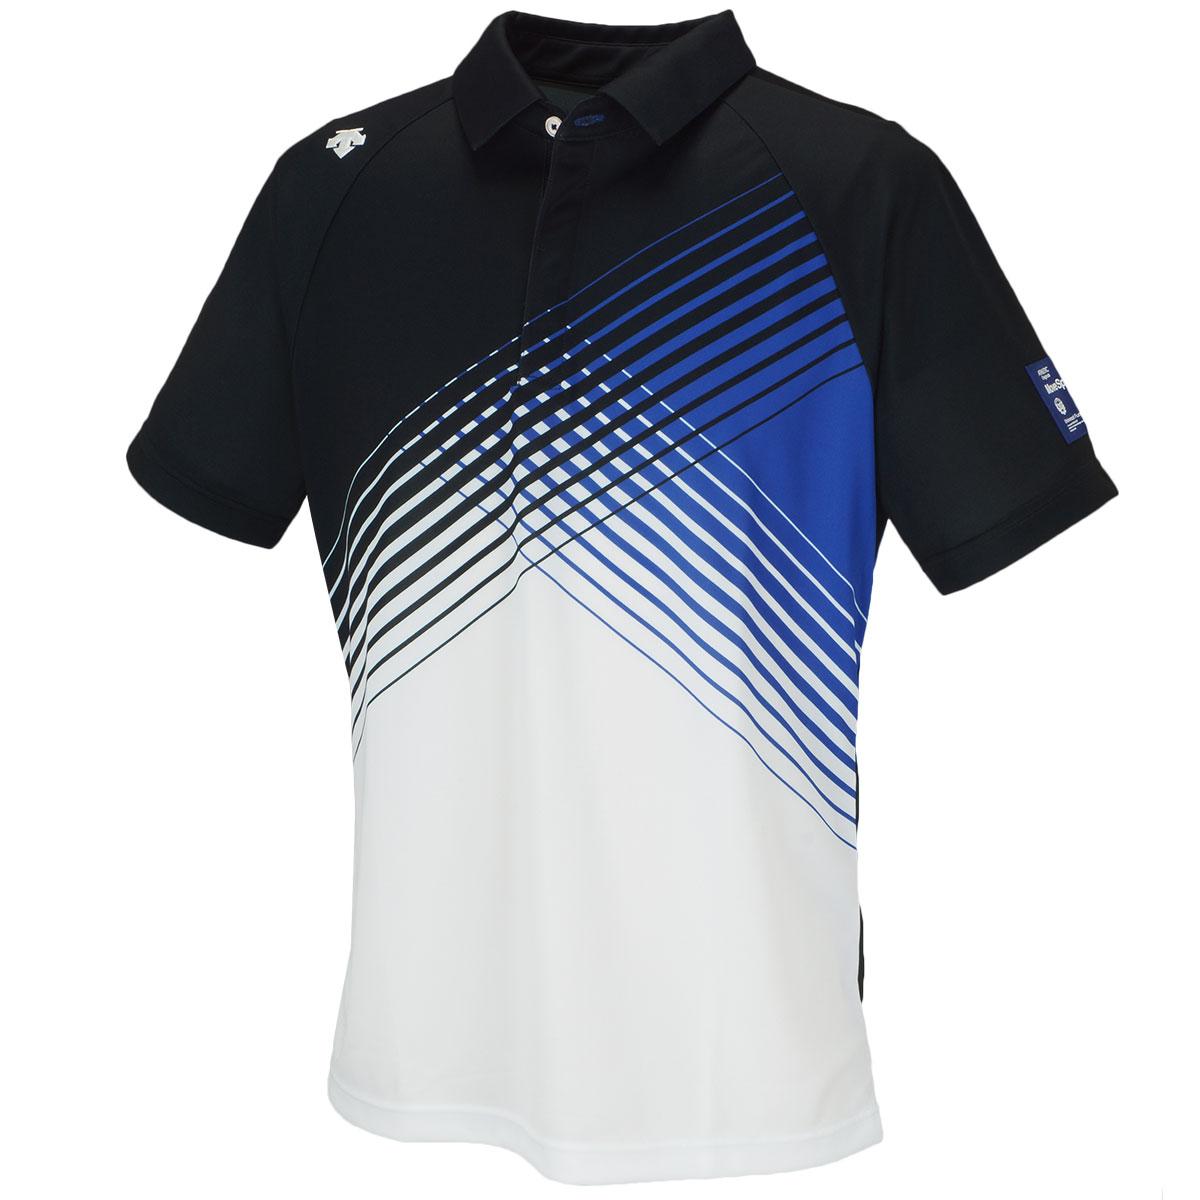 BLUELABEL テクニスタクロスグラデーションプリント ストレッチ鹿の子半袖ポロシャツ